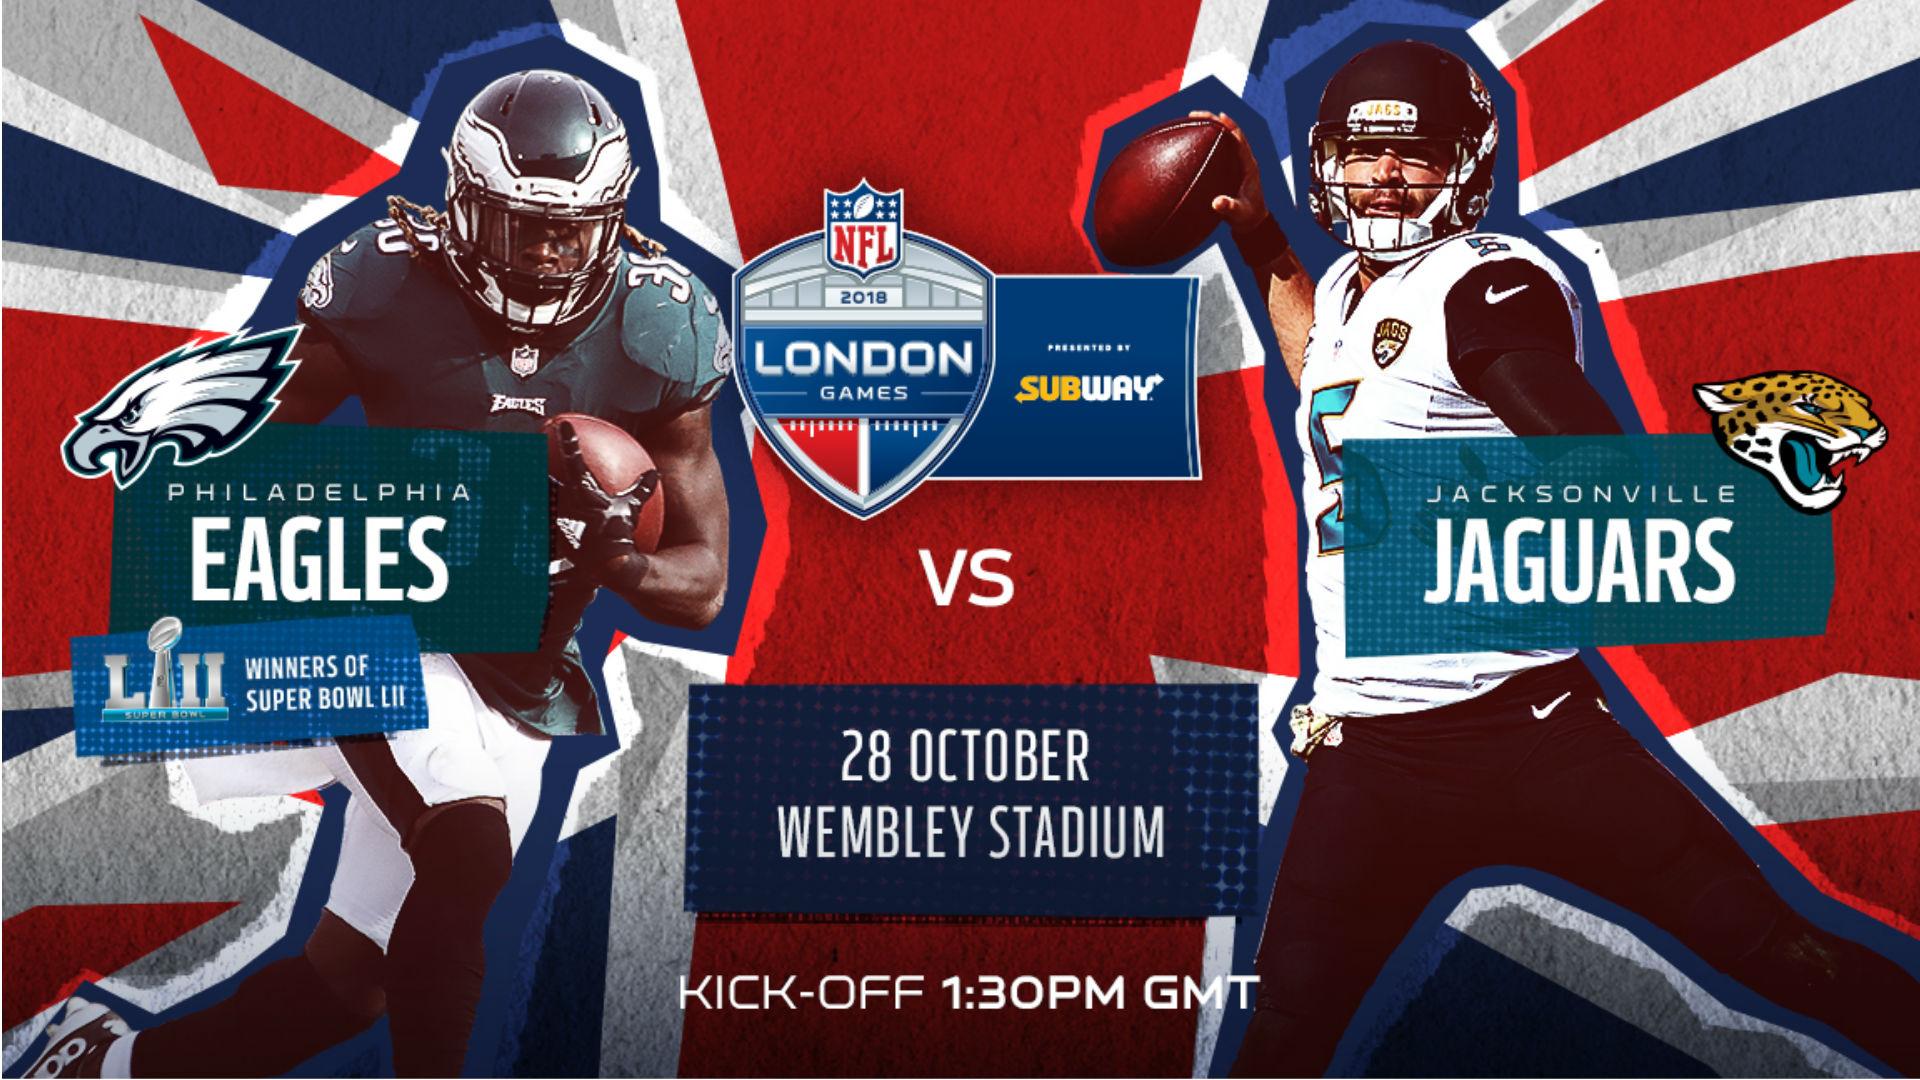 Philadelphia Eagles Take On The Jacksonville Jaguars At Wembley Stadium.  Image Courtesy Of NFL UK